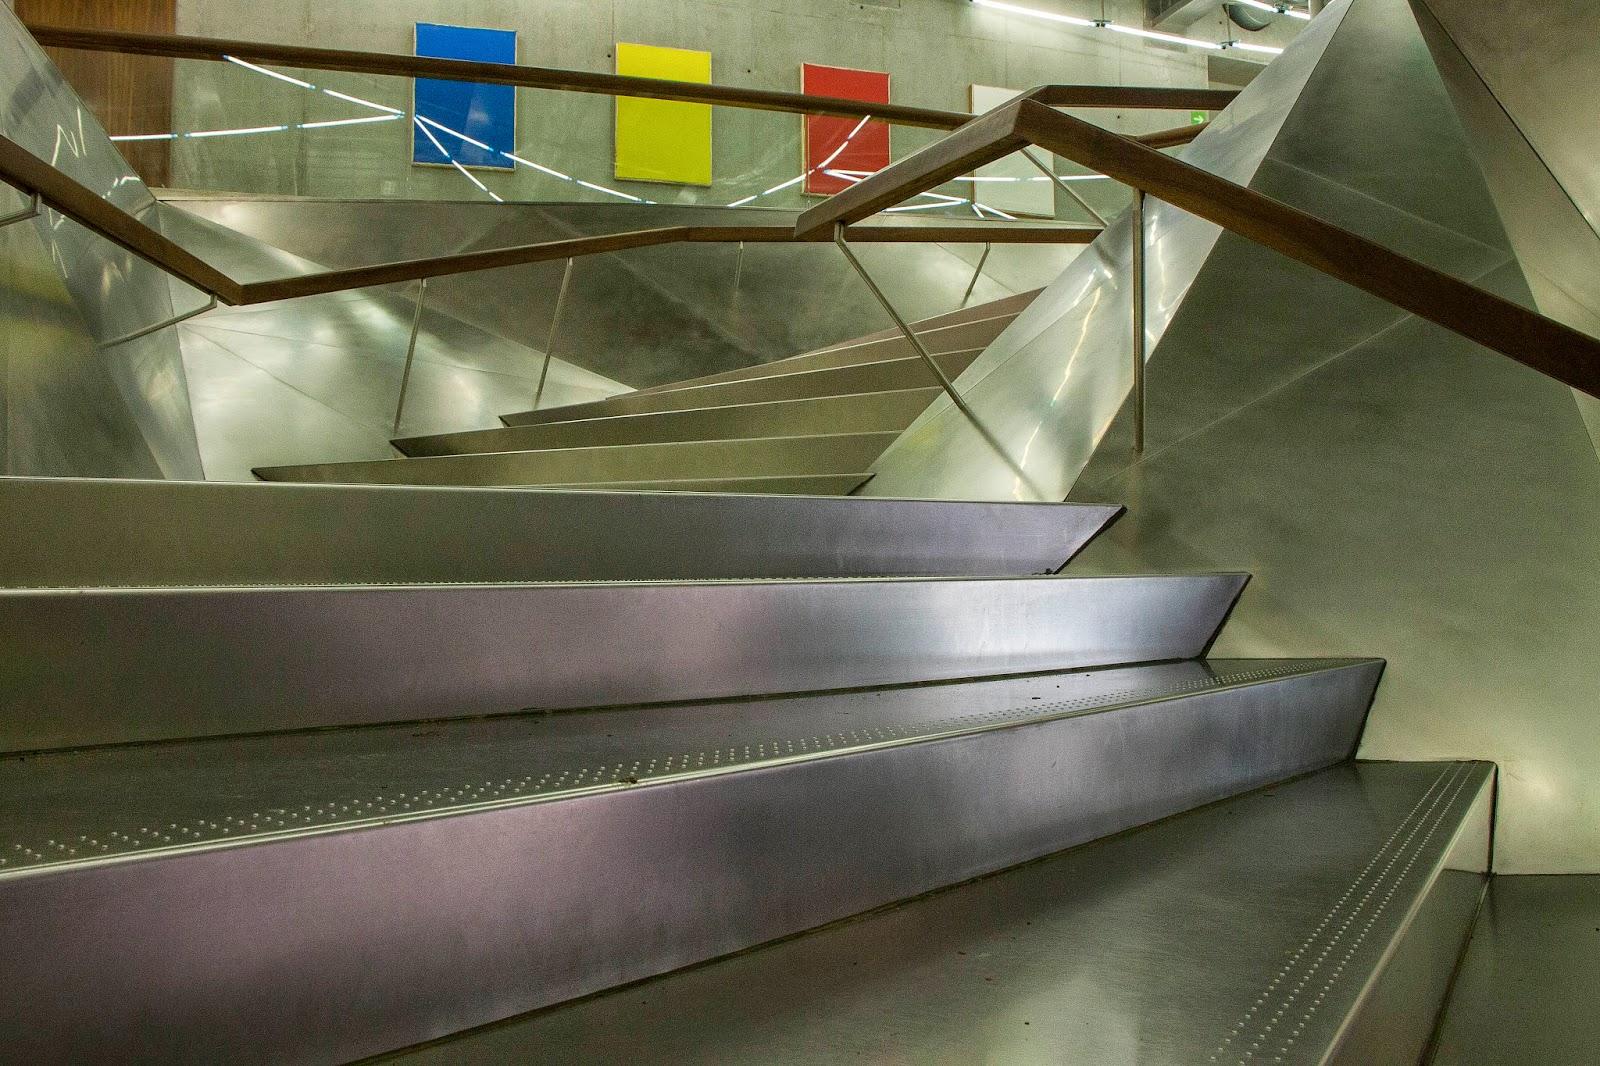 Exposiciones Tickets Cómo Llegar: Crónicadeunviajero: Escaleras Caixa Forum Madrid